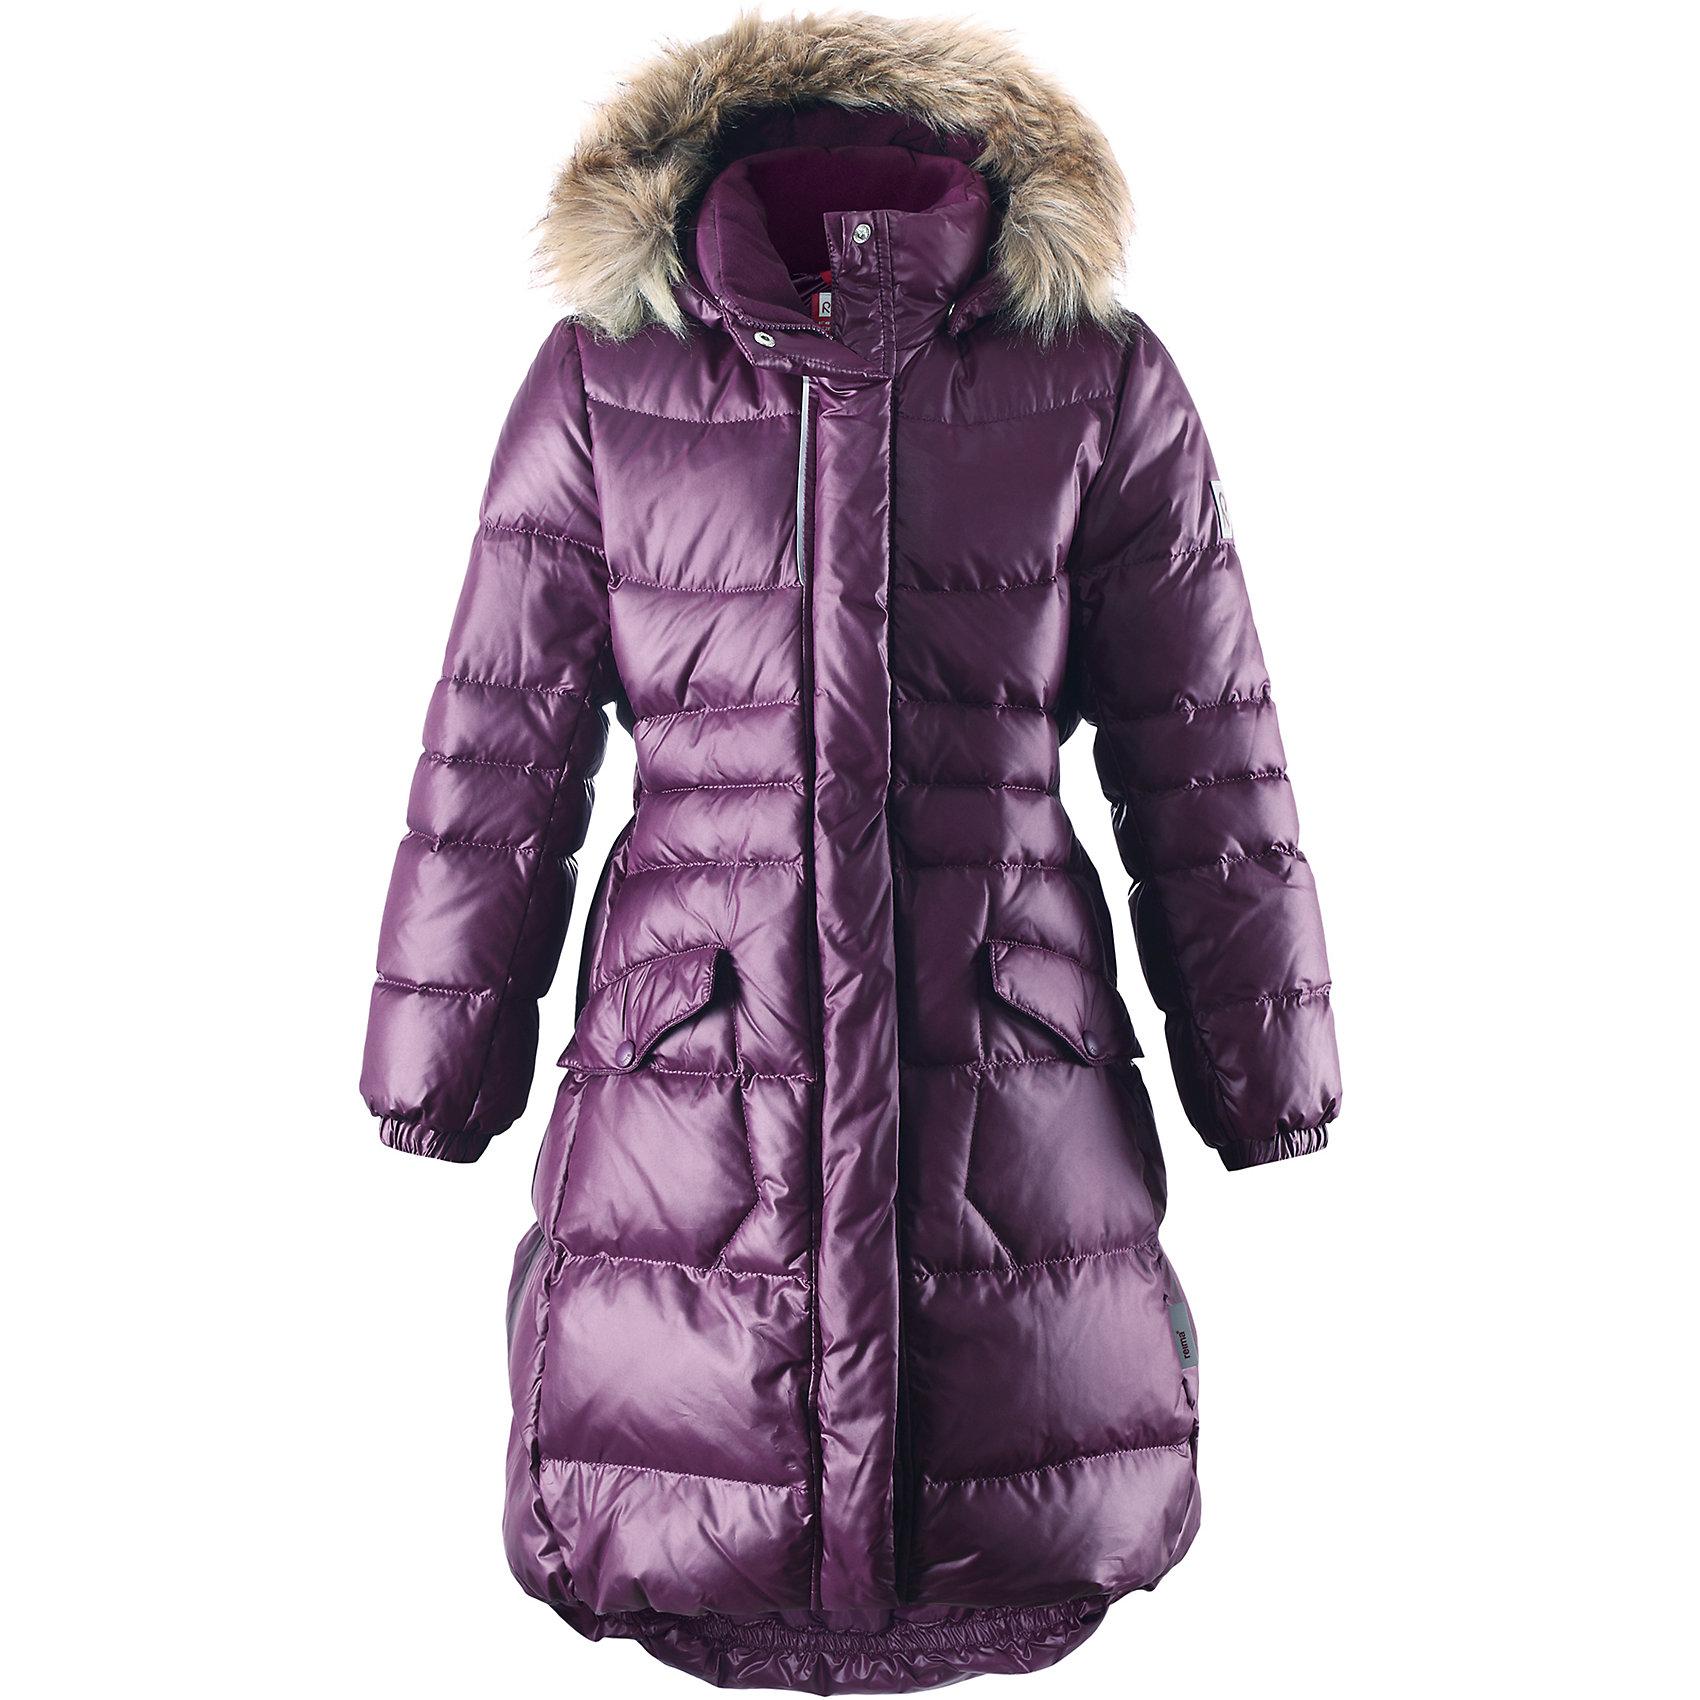 Пальто Satu для девочки ReimaОдежда<br>Пальто для девочки Reima<br>Куртка для подростков. Водоотталкивающий, ветронепроницаемый, «дышащий» и грязеотталкивающий материал. Крой для девочек. Гладкая подкладка из полиэстра. Безопасный съемный капюшон с отсоединяемой меховой каймой из искусственного меха. Эластичный пояс сзади. Эластичные подол и манжеты. Двухсторонняя молния по всей длине. Два кармана с клапанами. Безопасные светоотражающие детали. Петля для дополнительных светоотражающих деталей.<br>Уход:<br>Стирать по отдельности, вывернув наизнанку. Перед стиркой отстегните искусственный мех. Застегнуть молнии и липучки. Стирать моющим средством, не содержащим отбеливающие вещества. Полоскать без специального средства. Во избежание изменения цвета изделие необходимо вынуть из стиральной машинки незамедлительно после окончания программы стирки. Барабанное сушение при низкой температуре с 3 теннисными мячиками. Выверните изделие наизнанку в середине сушки.<br>Состав:<br>100% Полиэстер<br><br>Ширина мм: 356<br>Глубина мм: 10<br>Высота мм: 245<br>Вес г: 519<br>Цвет: лиловый<br>Возраст от месяцев: 36<br>Возраст до месяцев: 48<br>Пол: Женский<br>Возраст: Детский<br>Размер: 104,164,110,116,122,128,134,140,146,152,158<br>SKU: 4778582